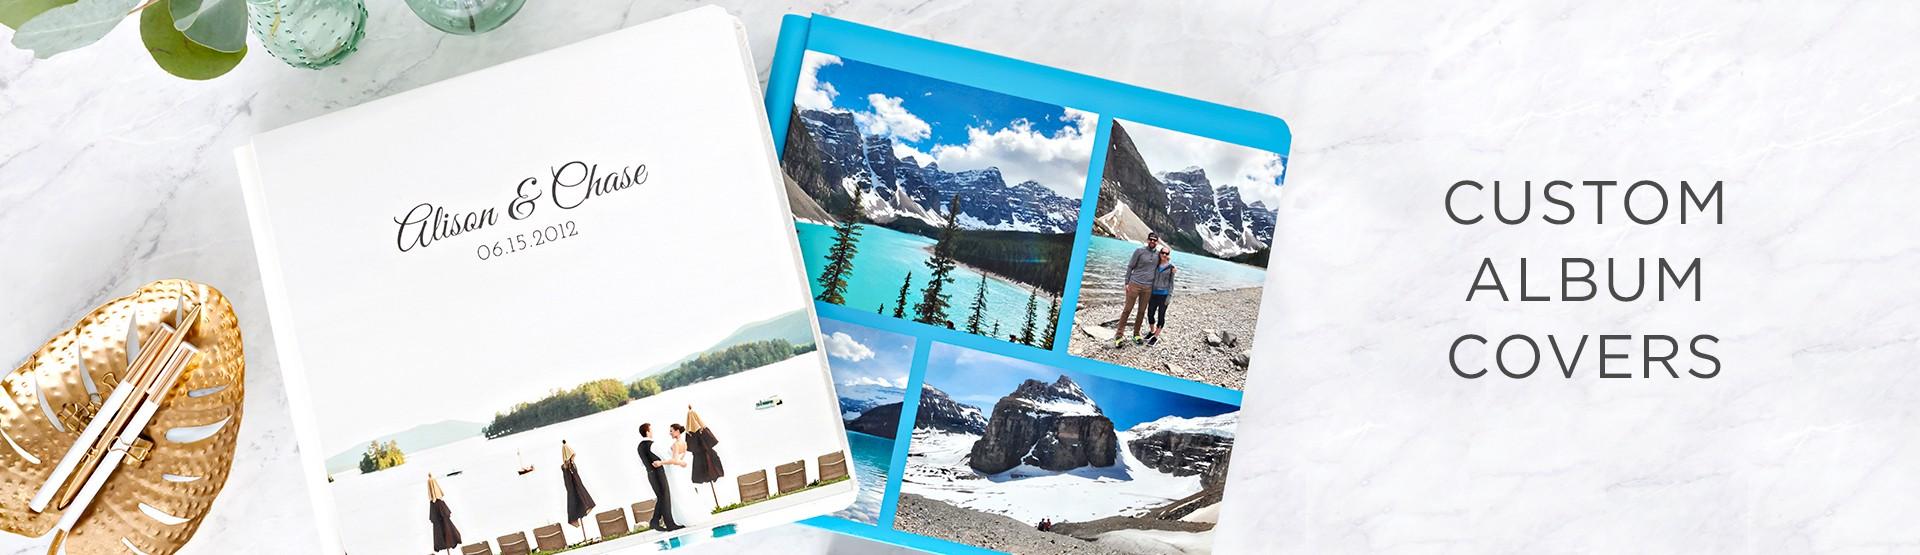 Custom Photo Album Covers